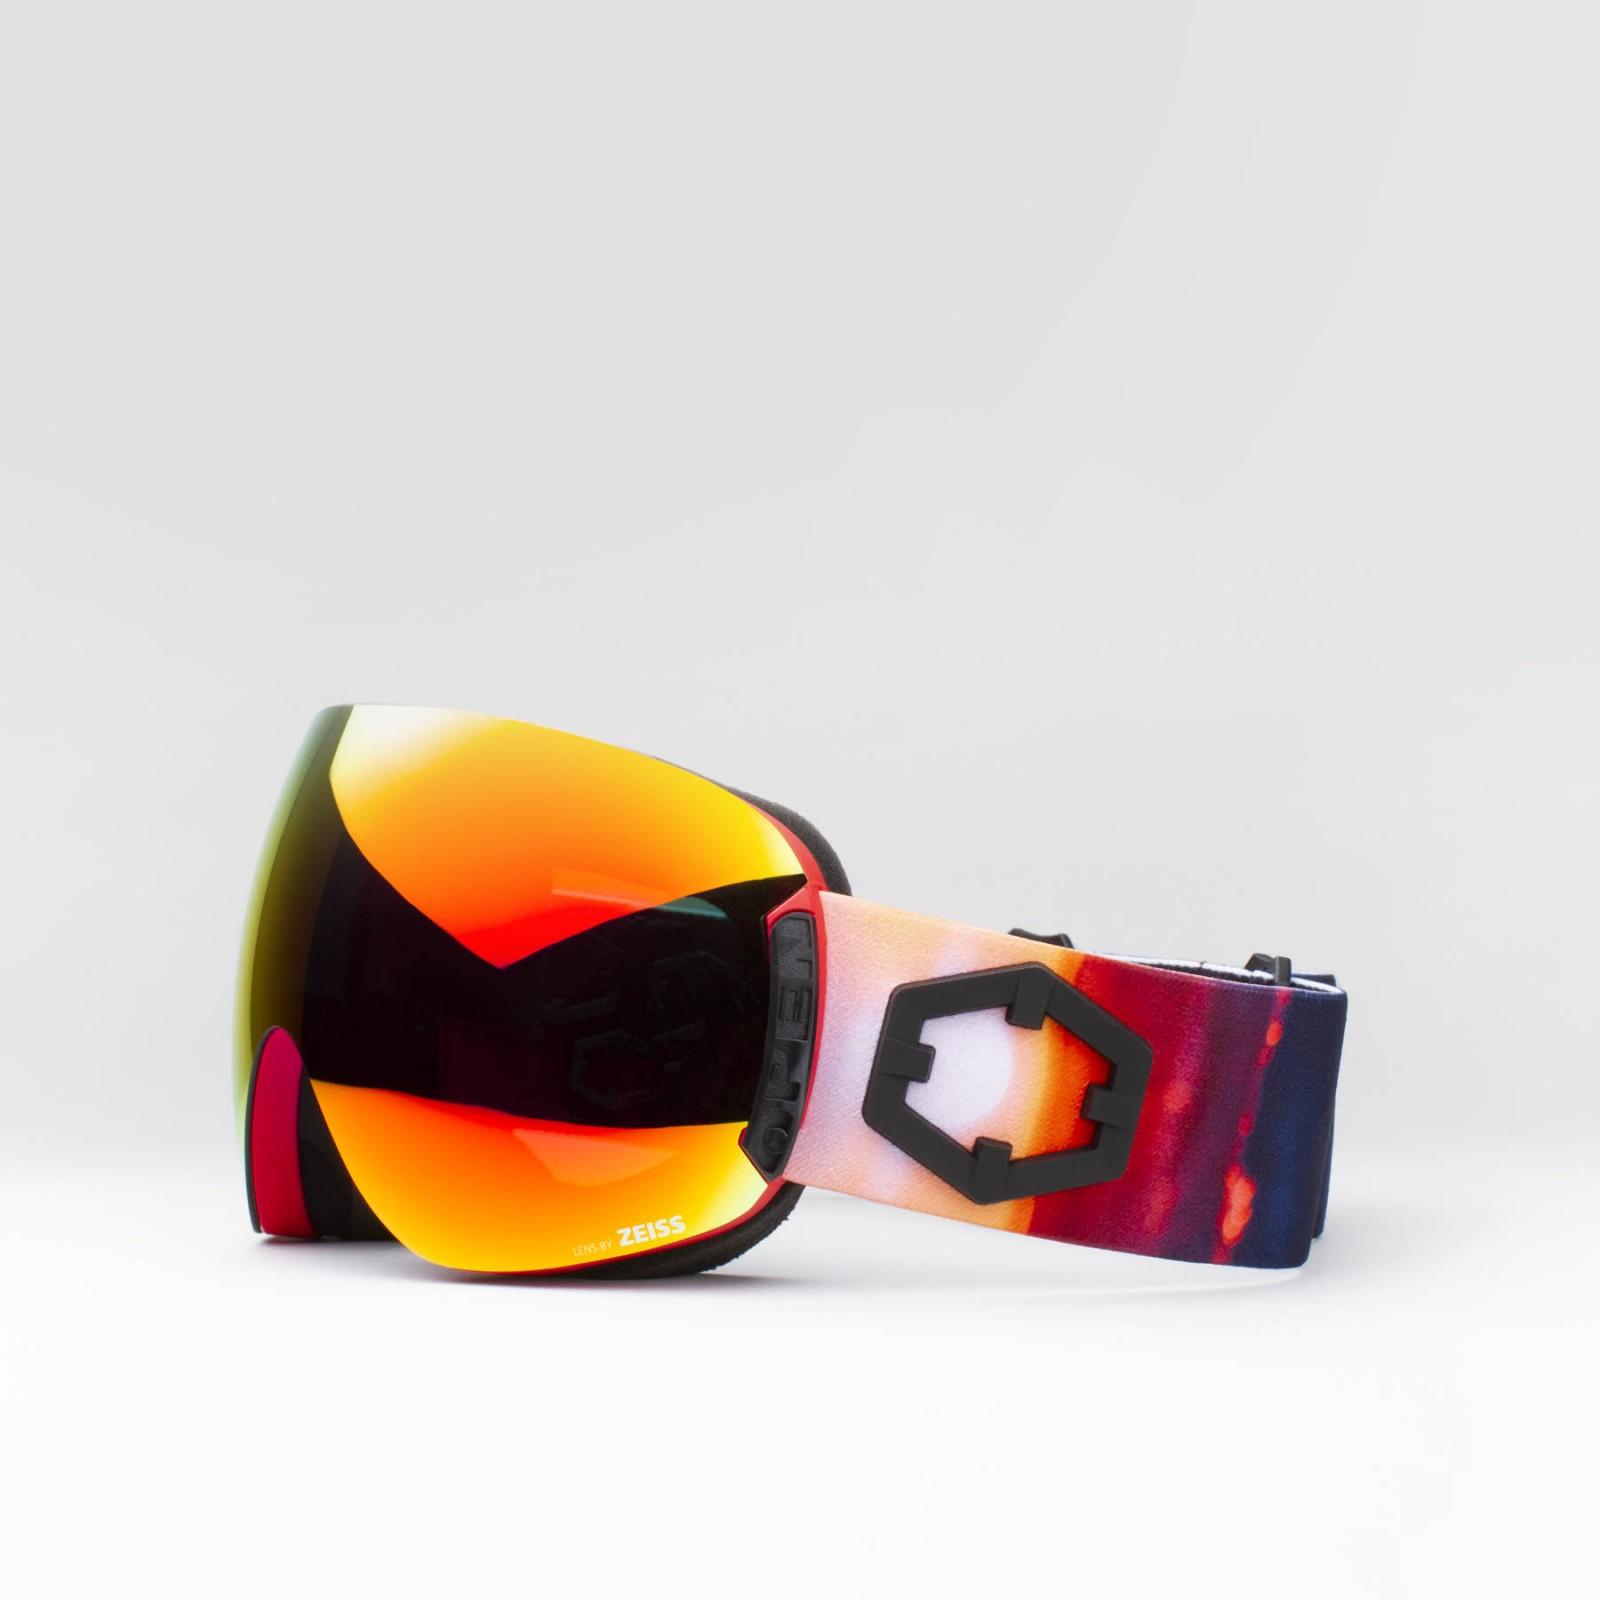 Open Alba Red MCI goggle